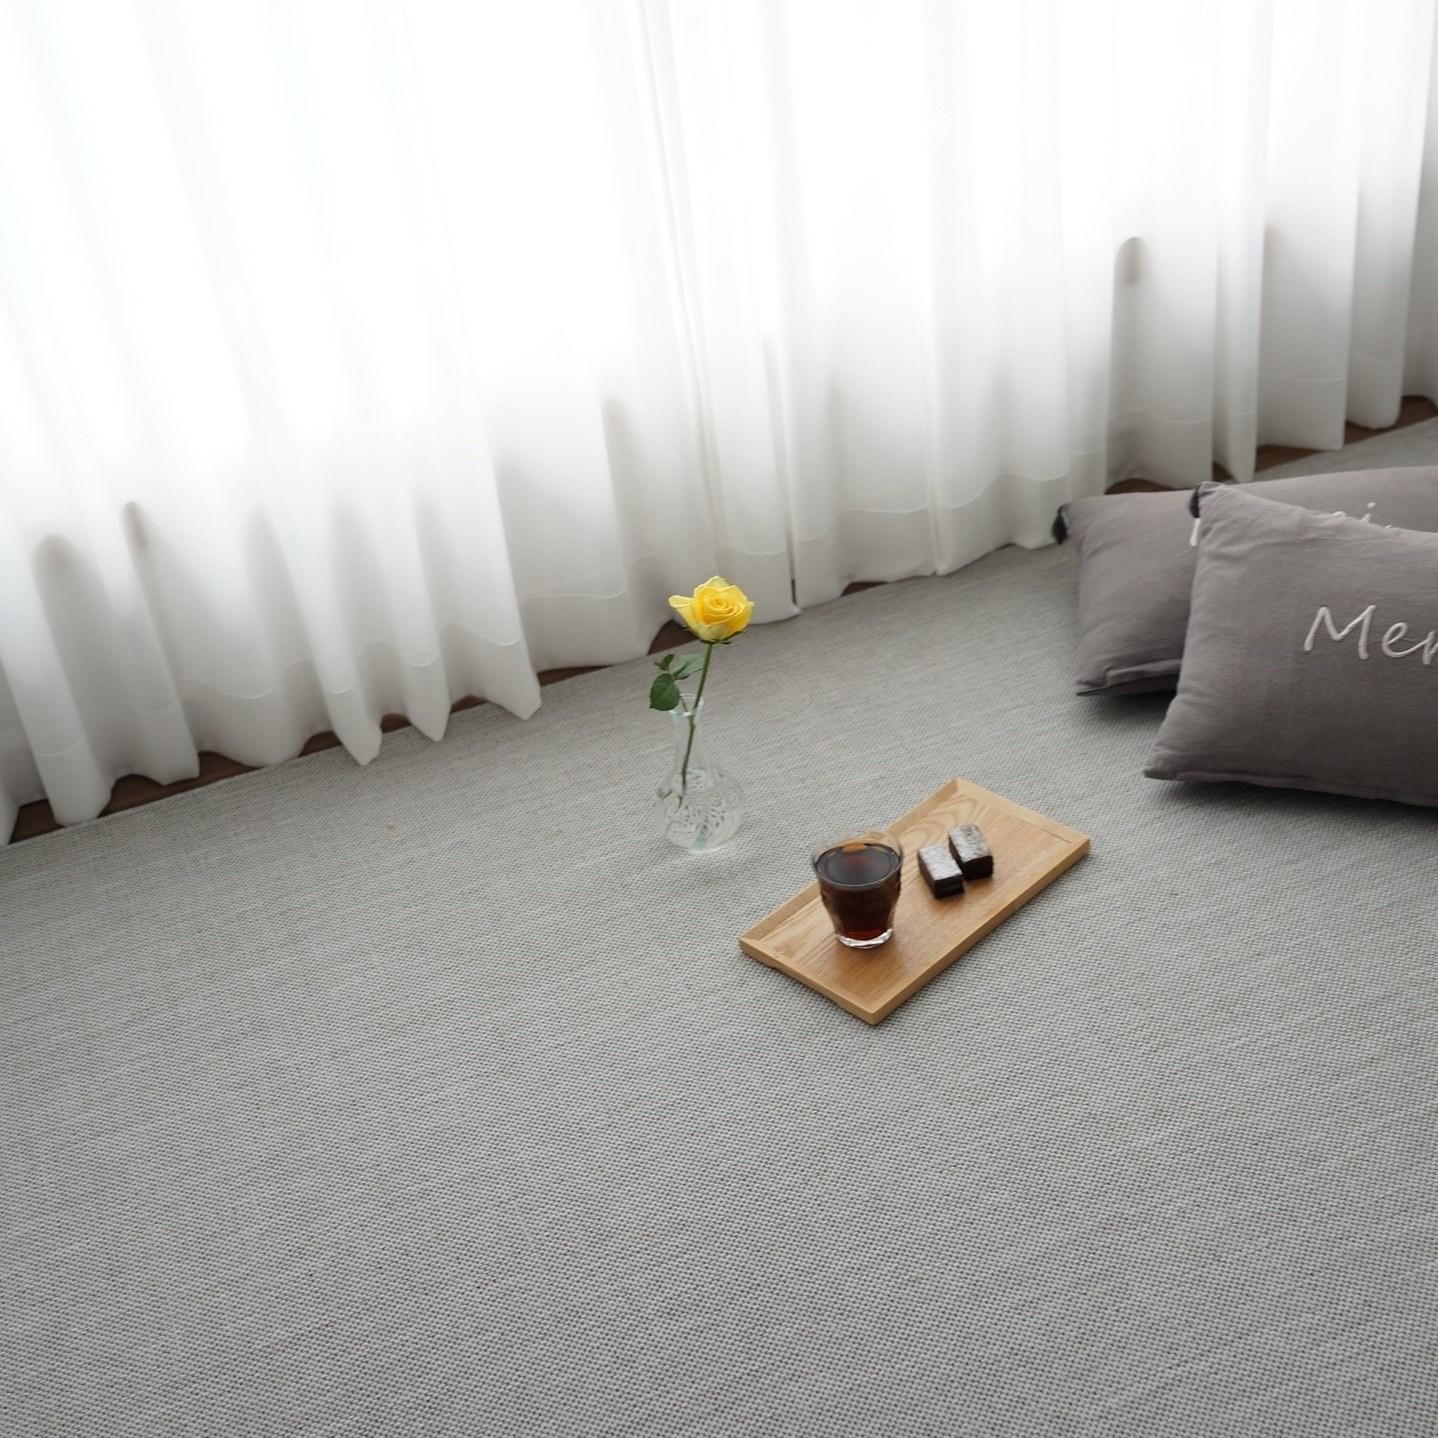 마하나홈 벨기에 사이잘룩 러그 - 사계절카페트 거실러그 수입러그 (4 color 2 type), 1. 오트밀